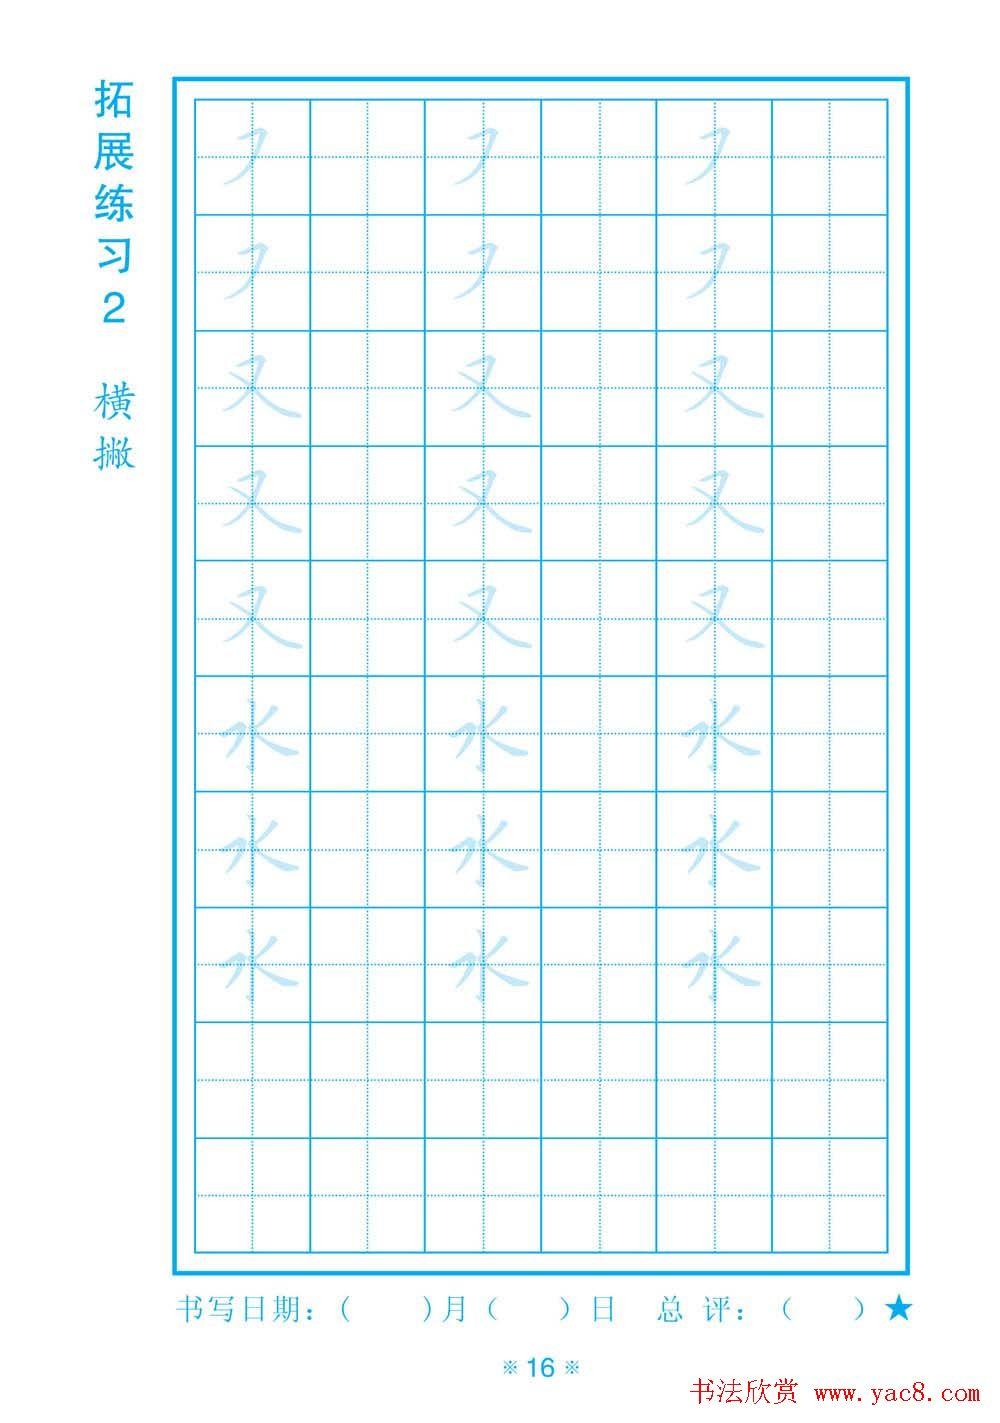 小学生规范汉字练习读书沙龙(18)小学生书写黑板照片字帖图片